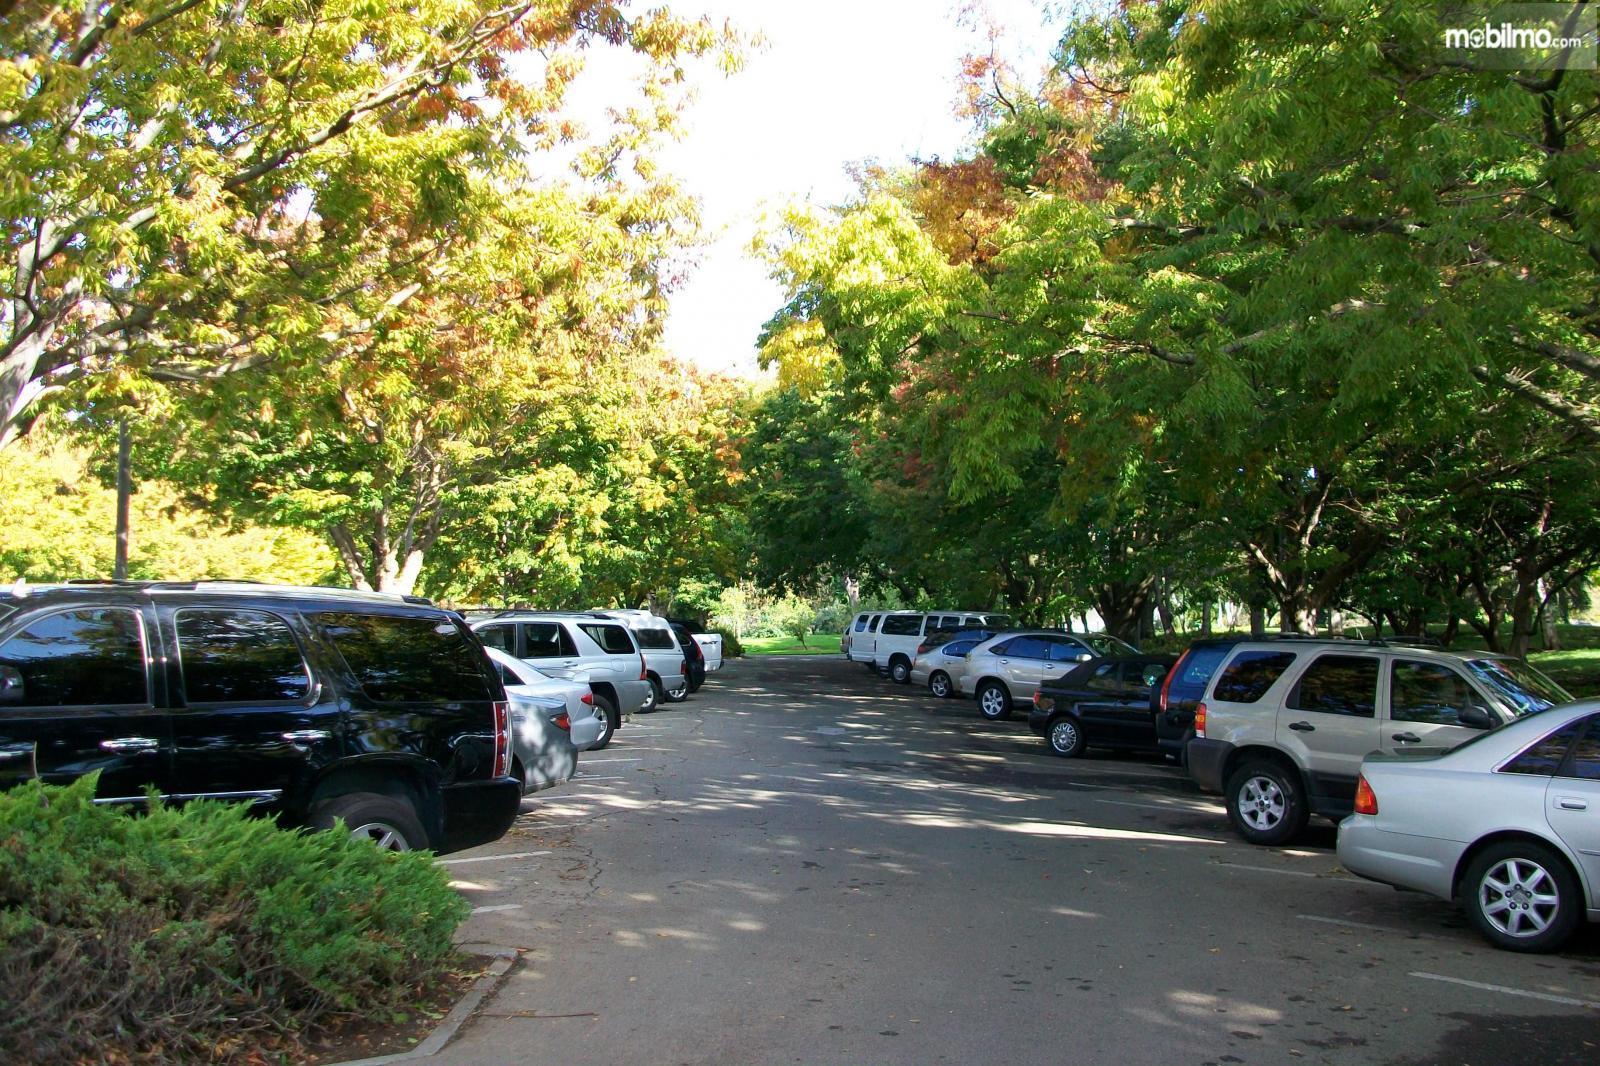 Foto mobil diparkir di bawah pohon